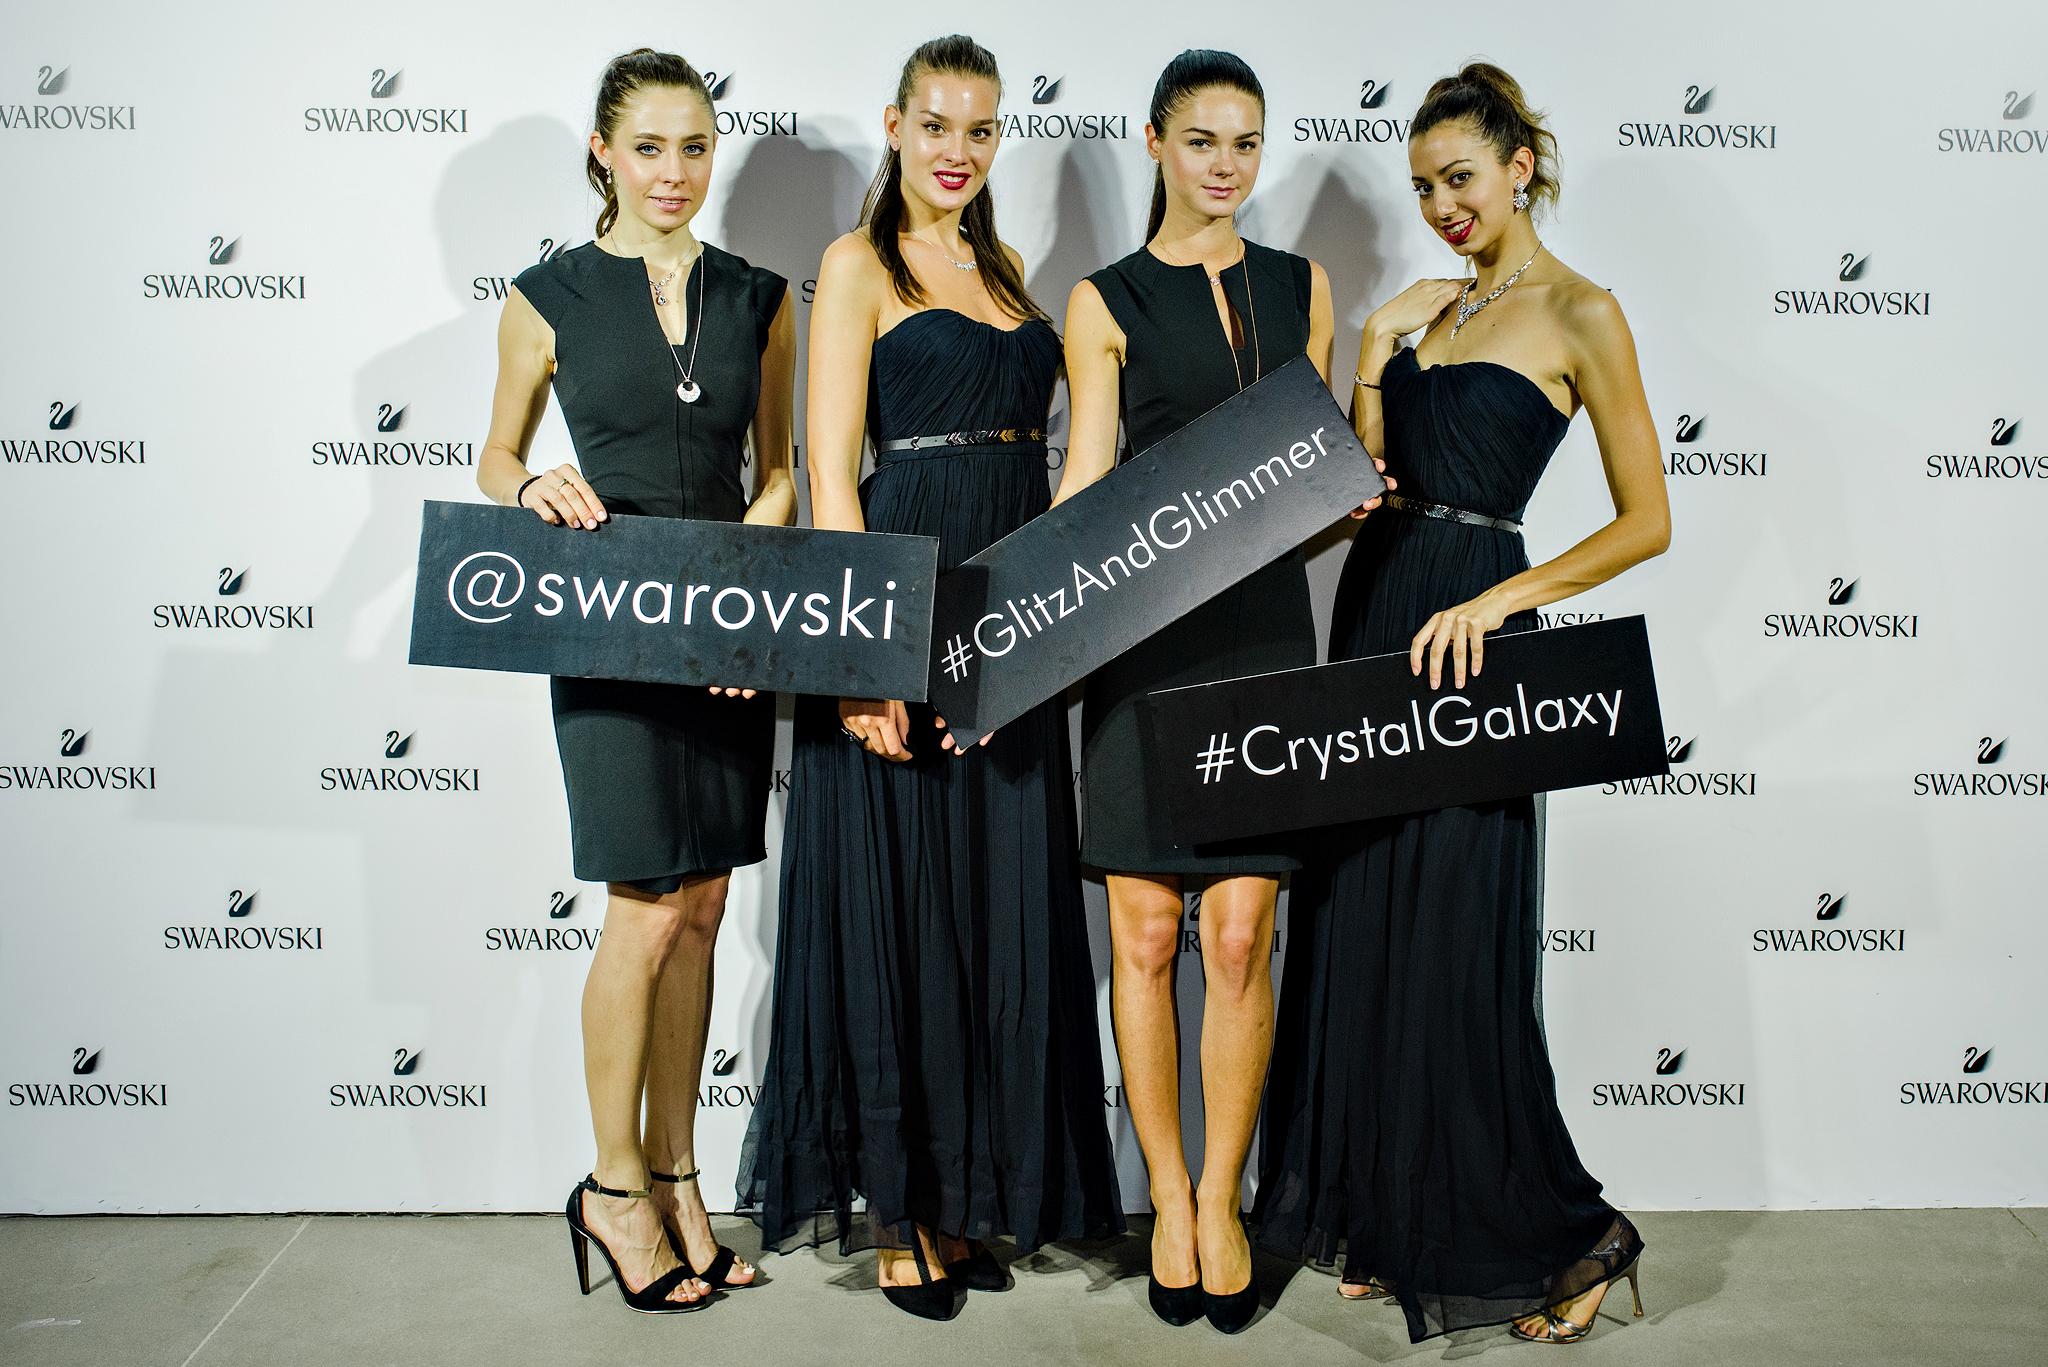 Swarovski - Event Photographer